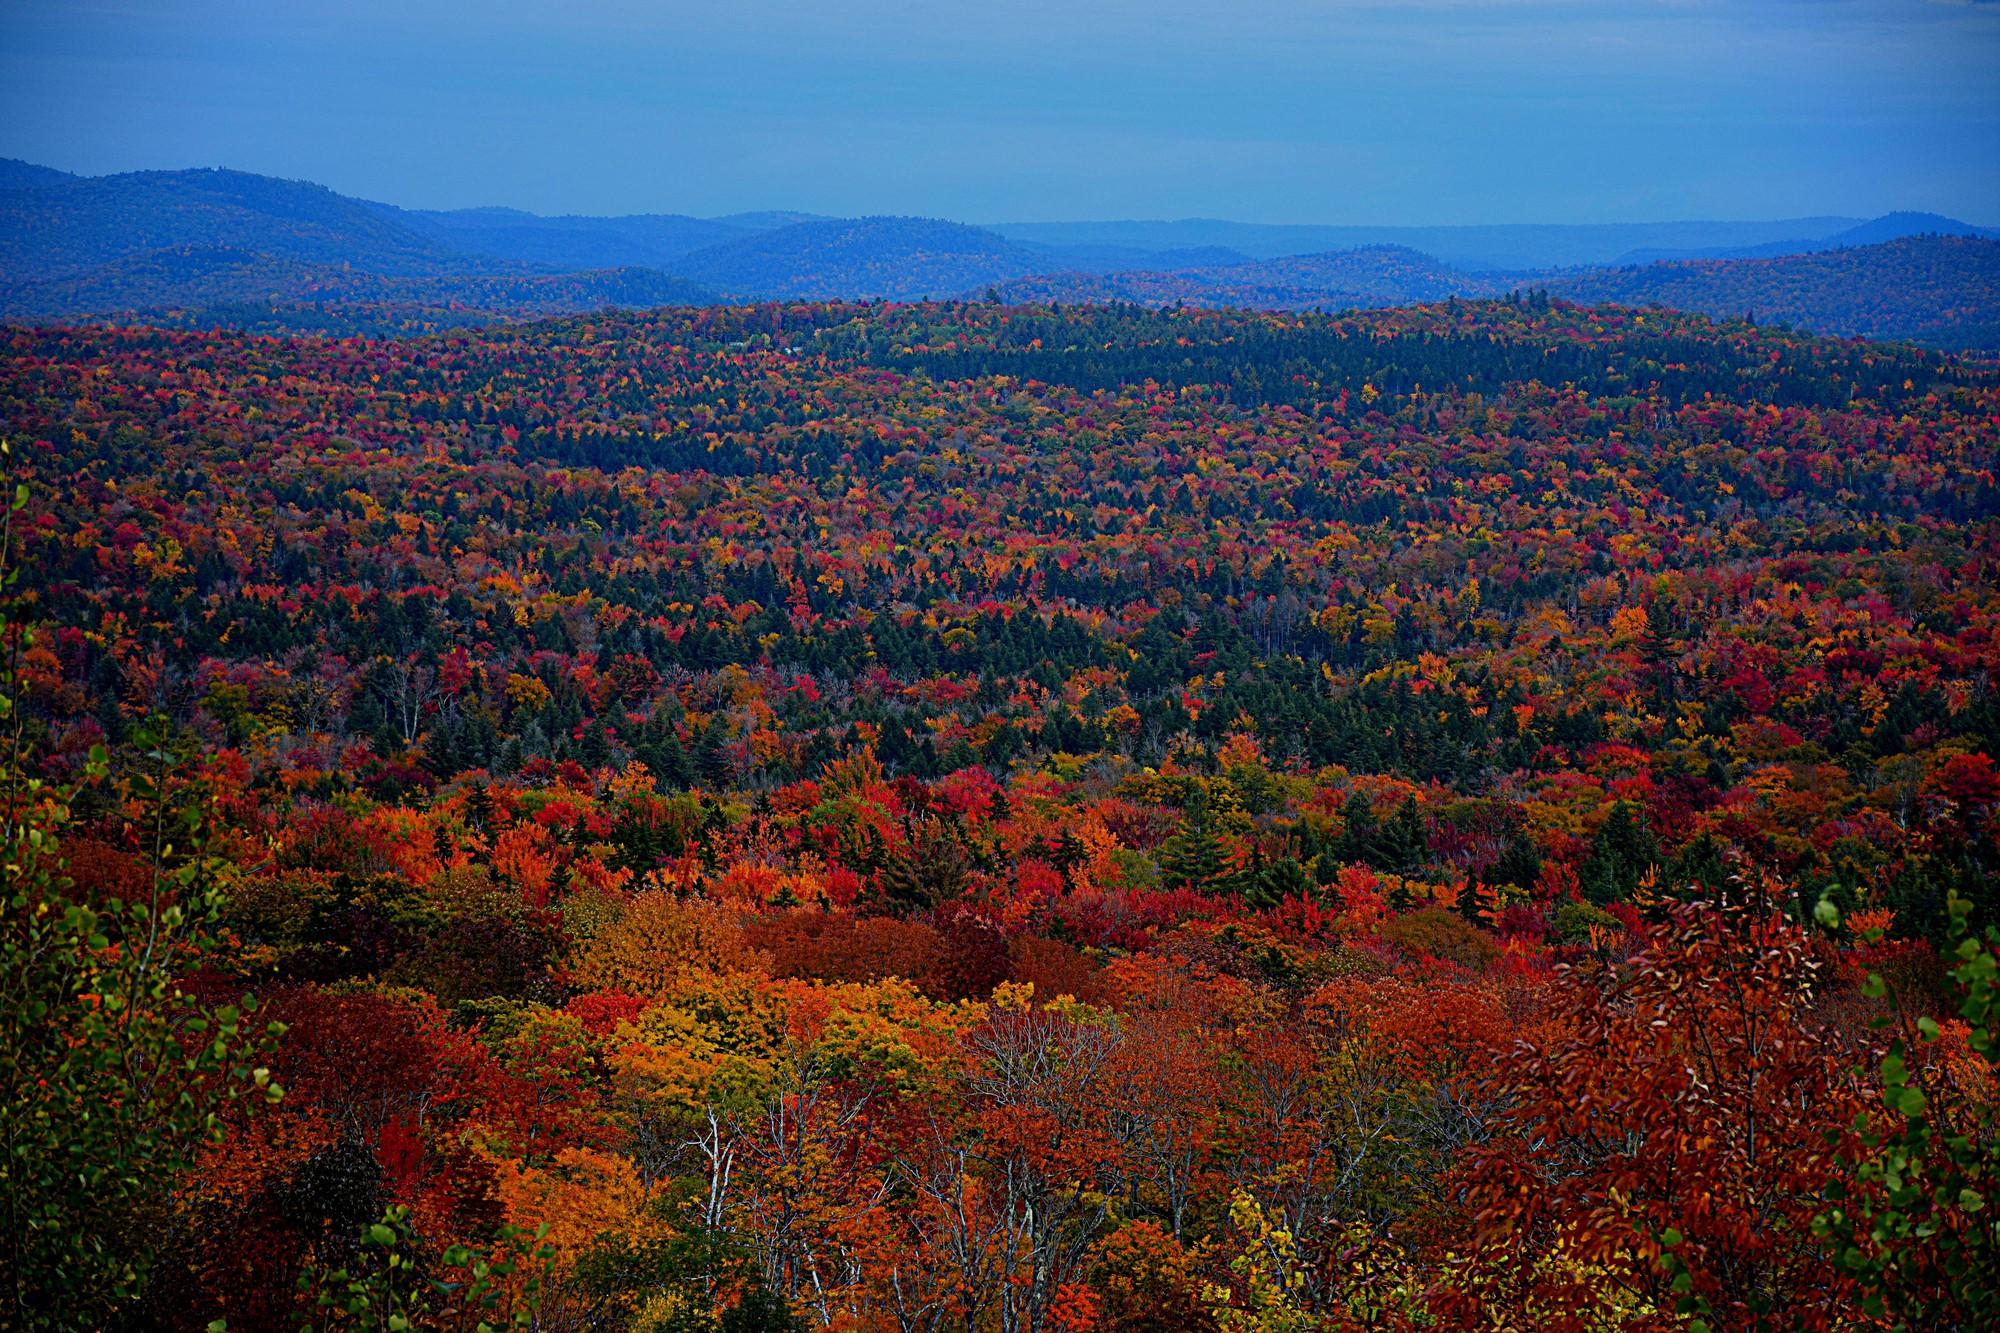 Ngắm phong cảnh đẹp đến ngoạn mục của những khu rừng vào mùa thu - Ảnh 22.